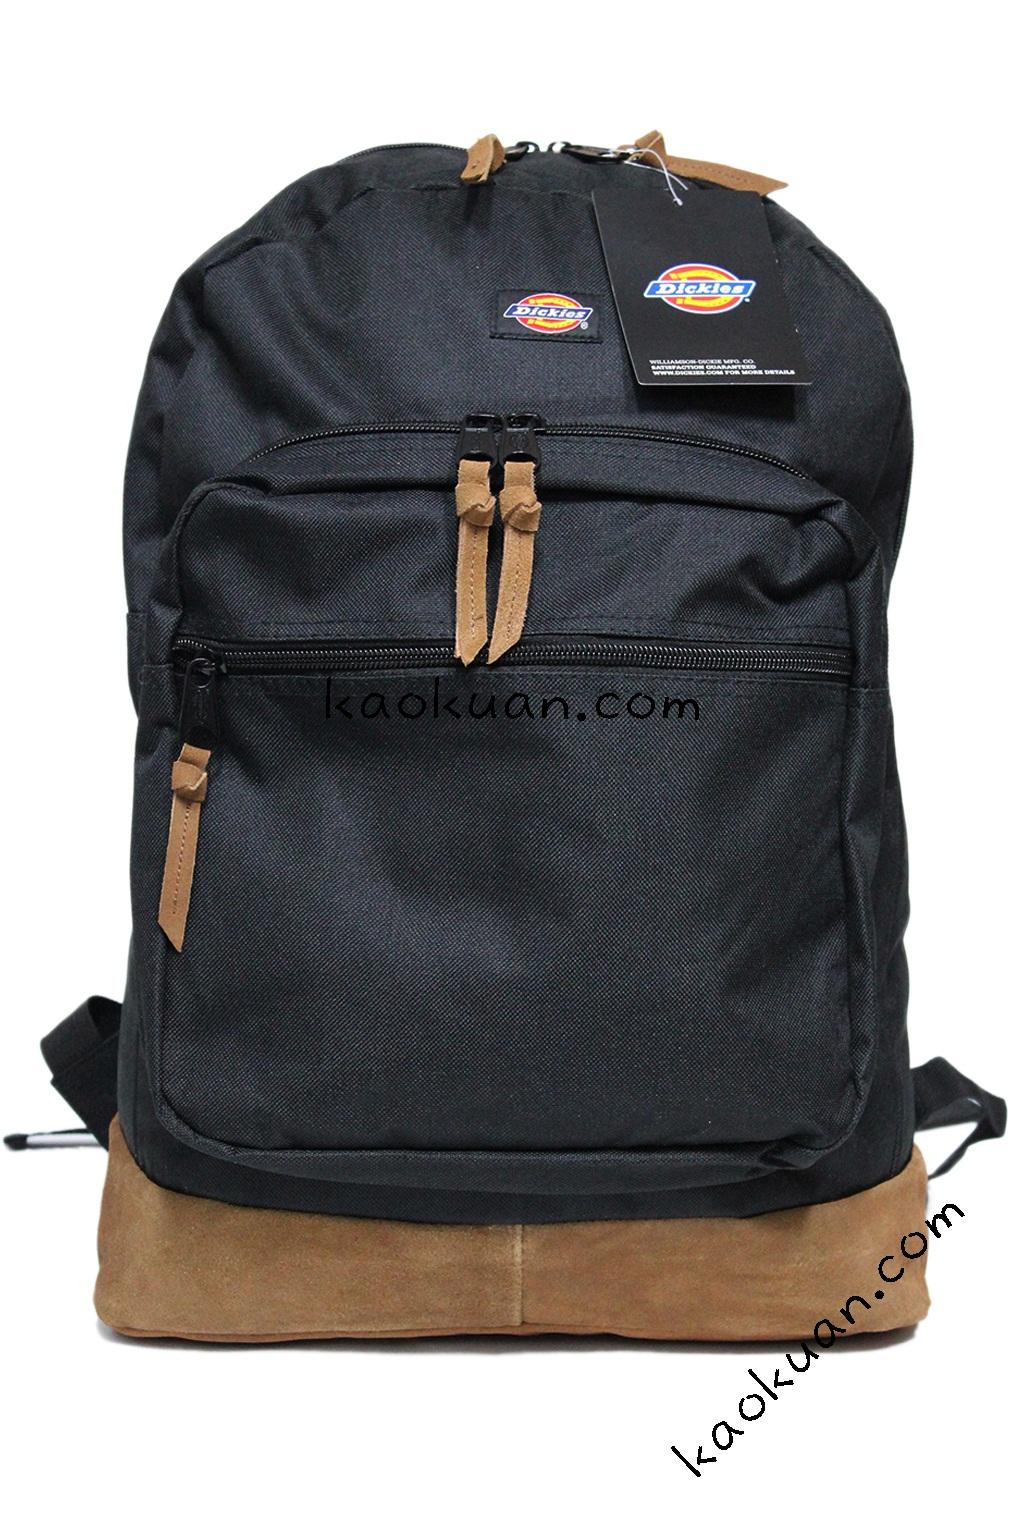 Dickies bag I-27087 I-27835 10+ 上架販售